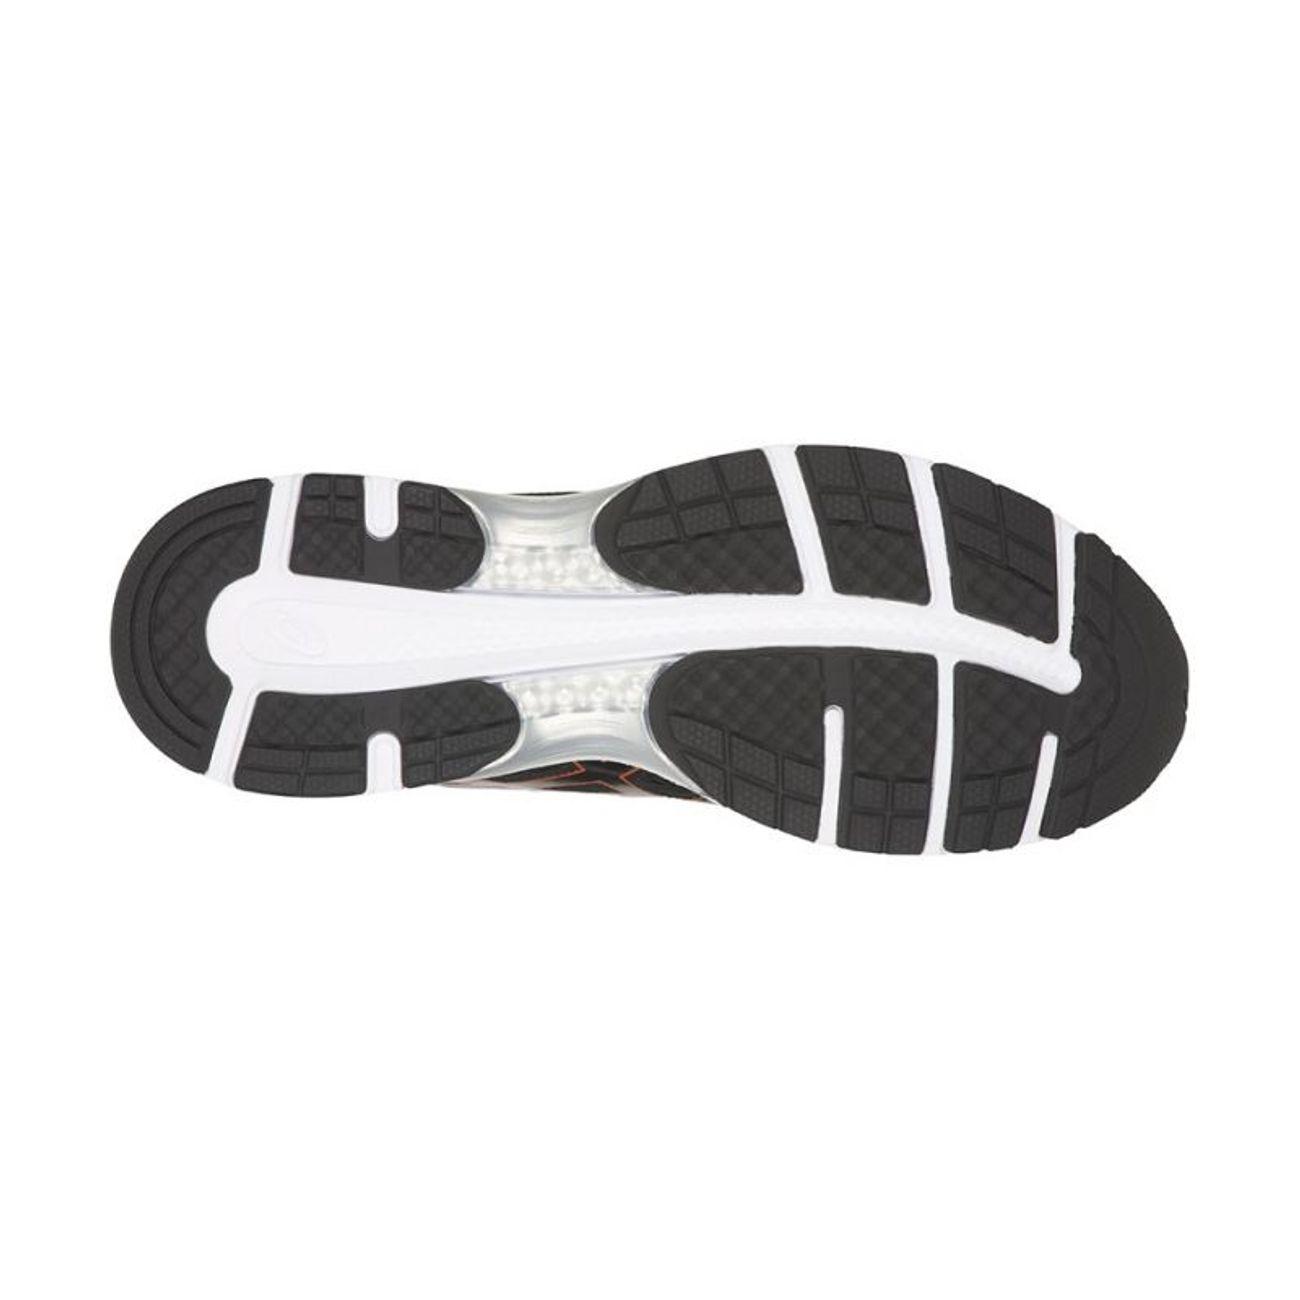 Running Chaussures Asics Gel Homme Homme Running yv0OmNnw8